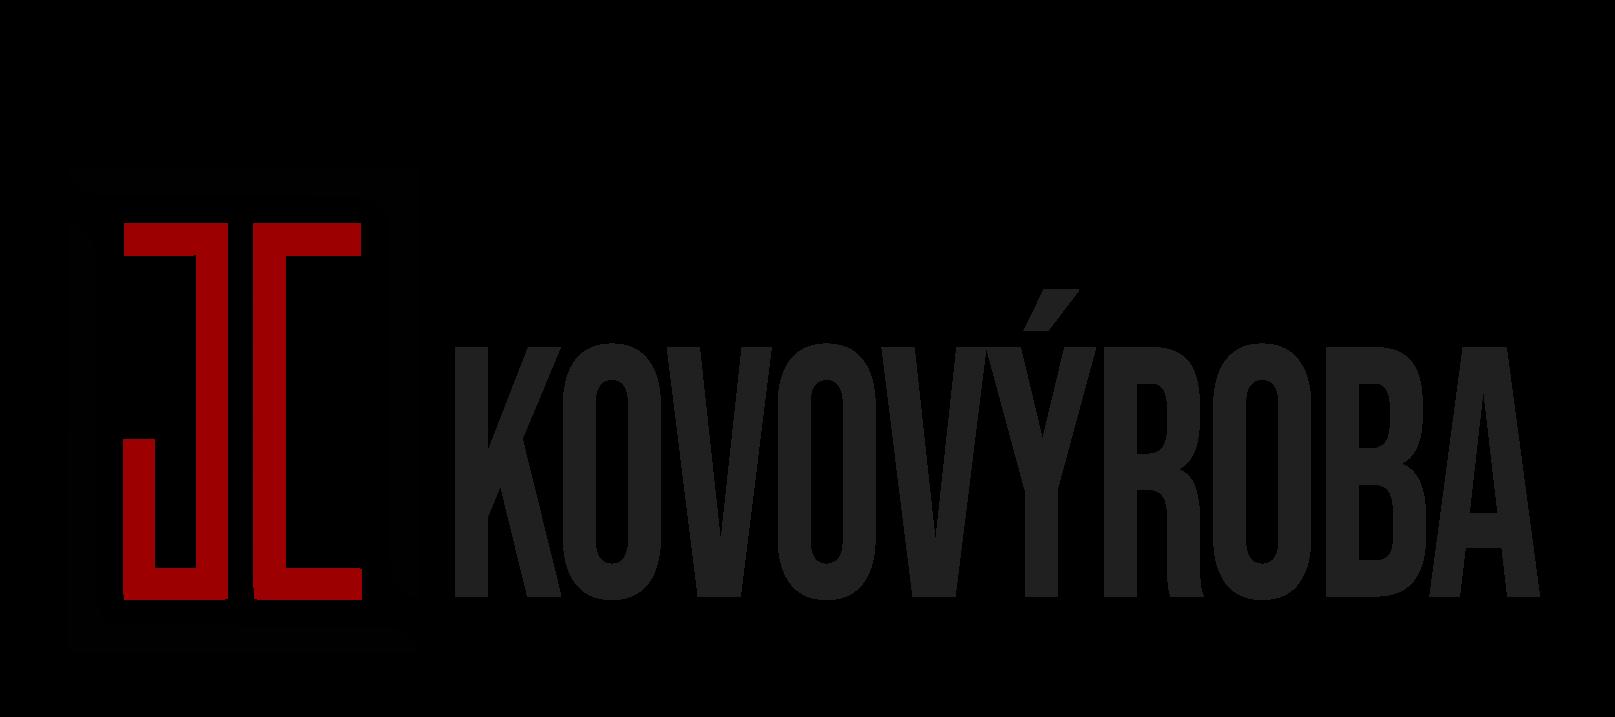 JC Kovovýroba s.a.r.l. | Ostrava